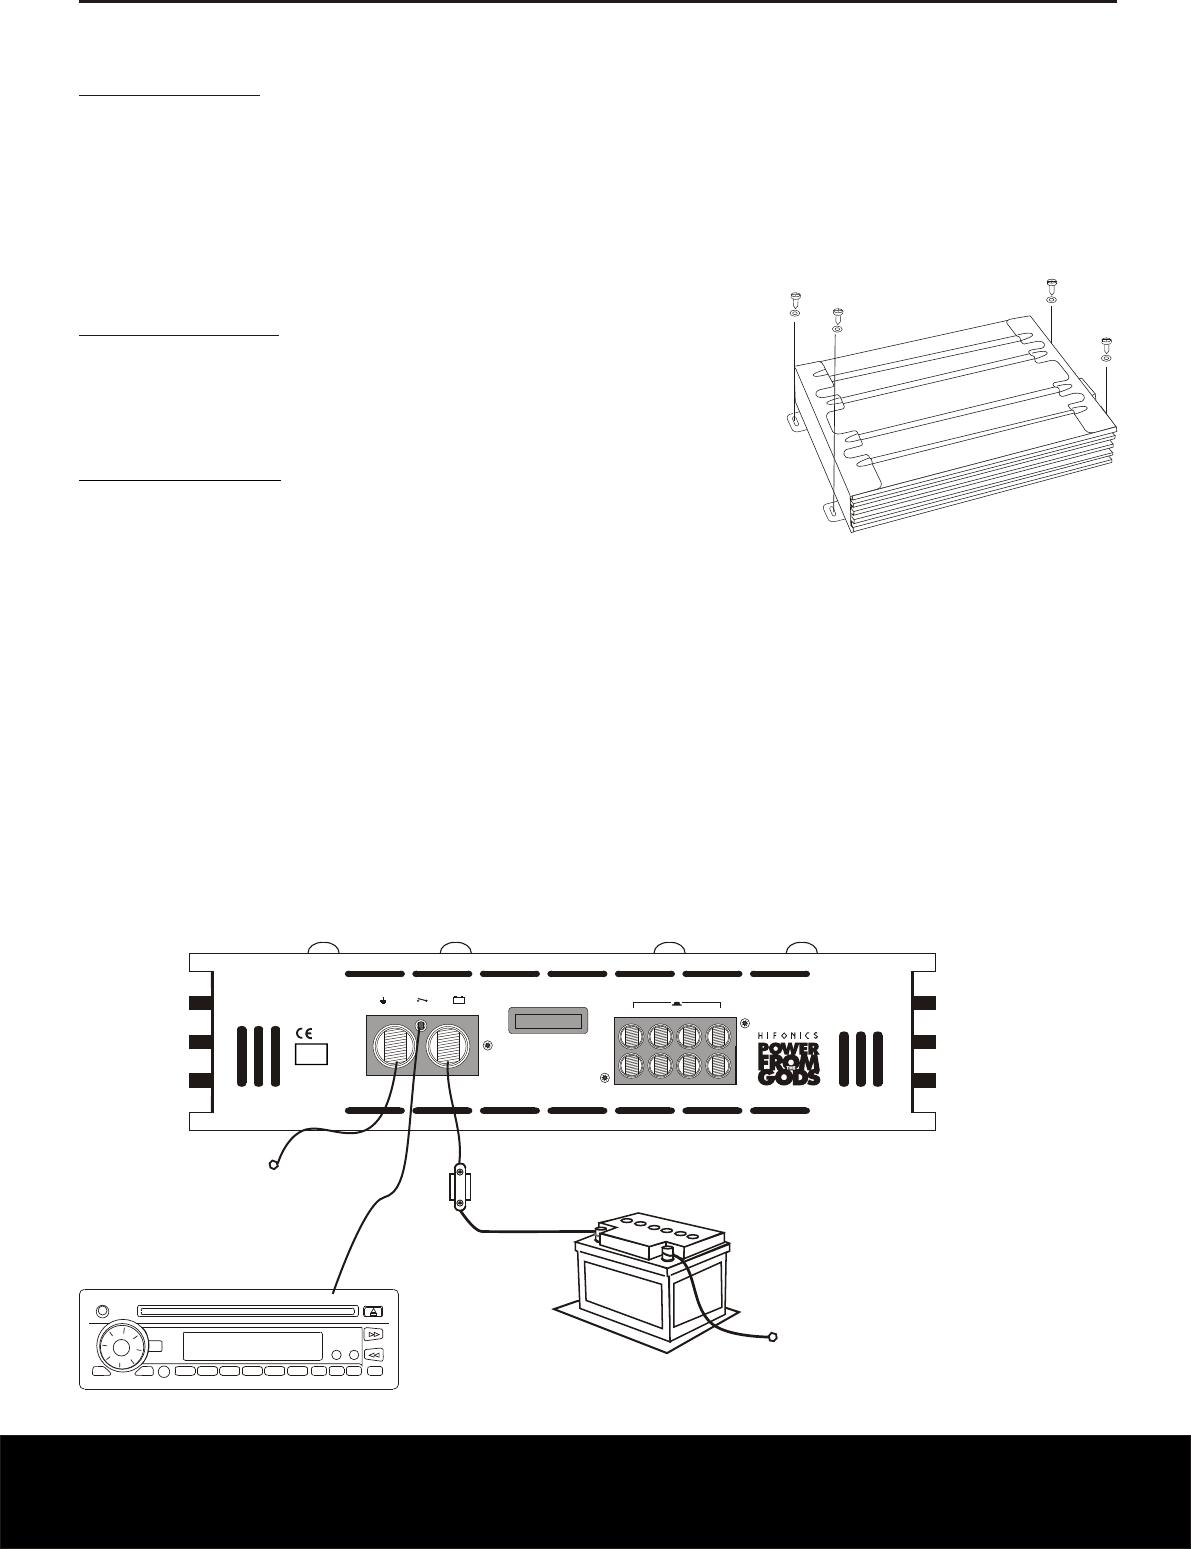 Handleiding Hifonics Zxi 4400 Pagina 18 Van 24 Deutsch English Wiring Diagram Installationshinweise